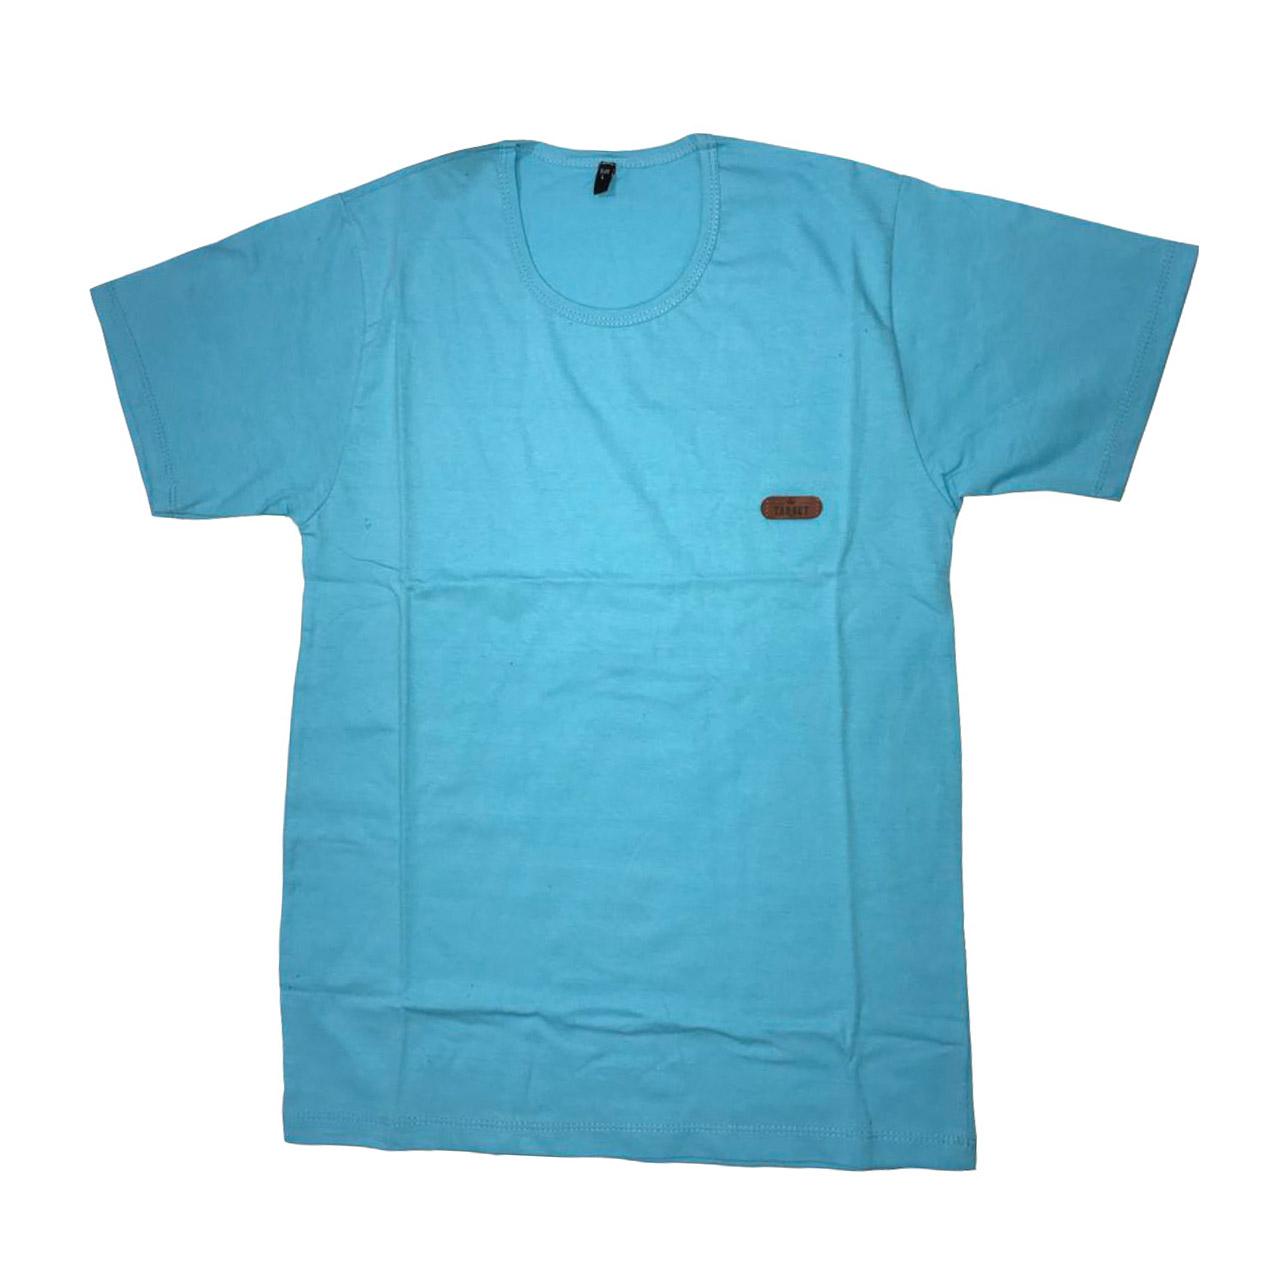 قیمت تیشرت آستین کوتاه مردانه تن ست مدل AS749